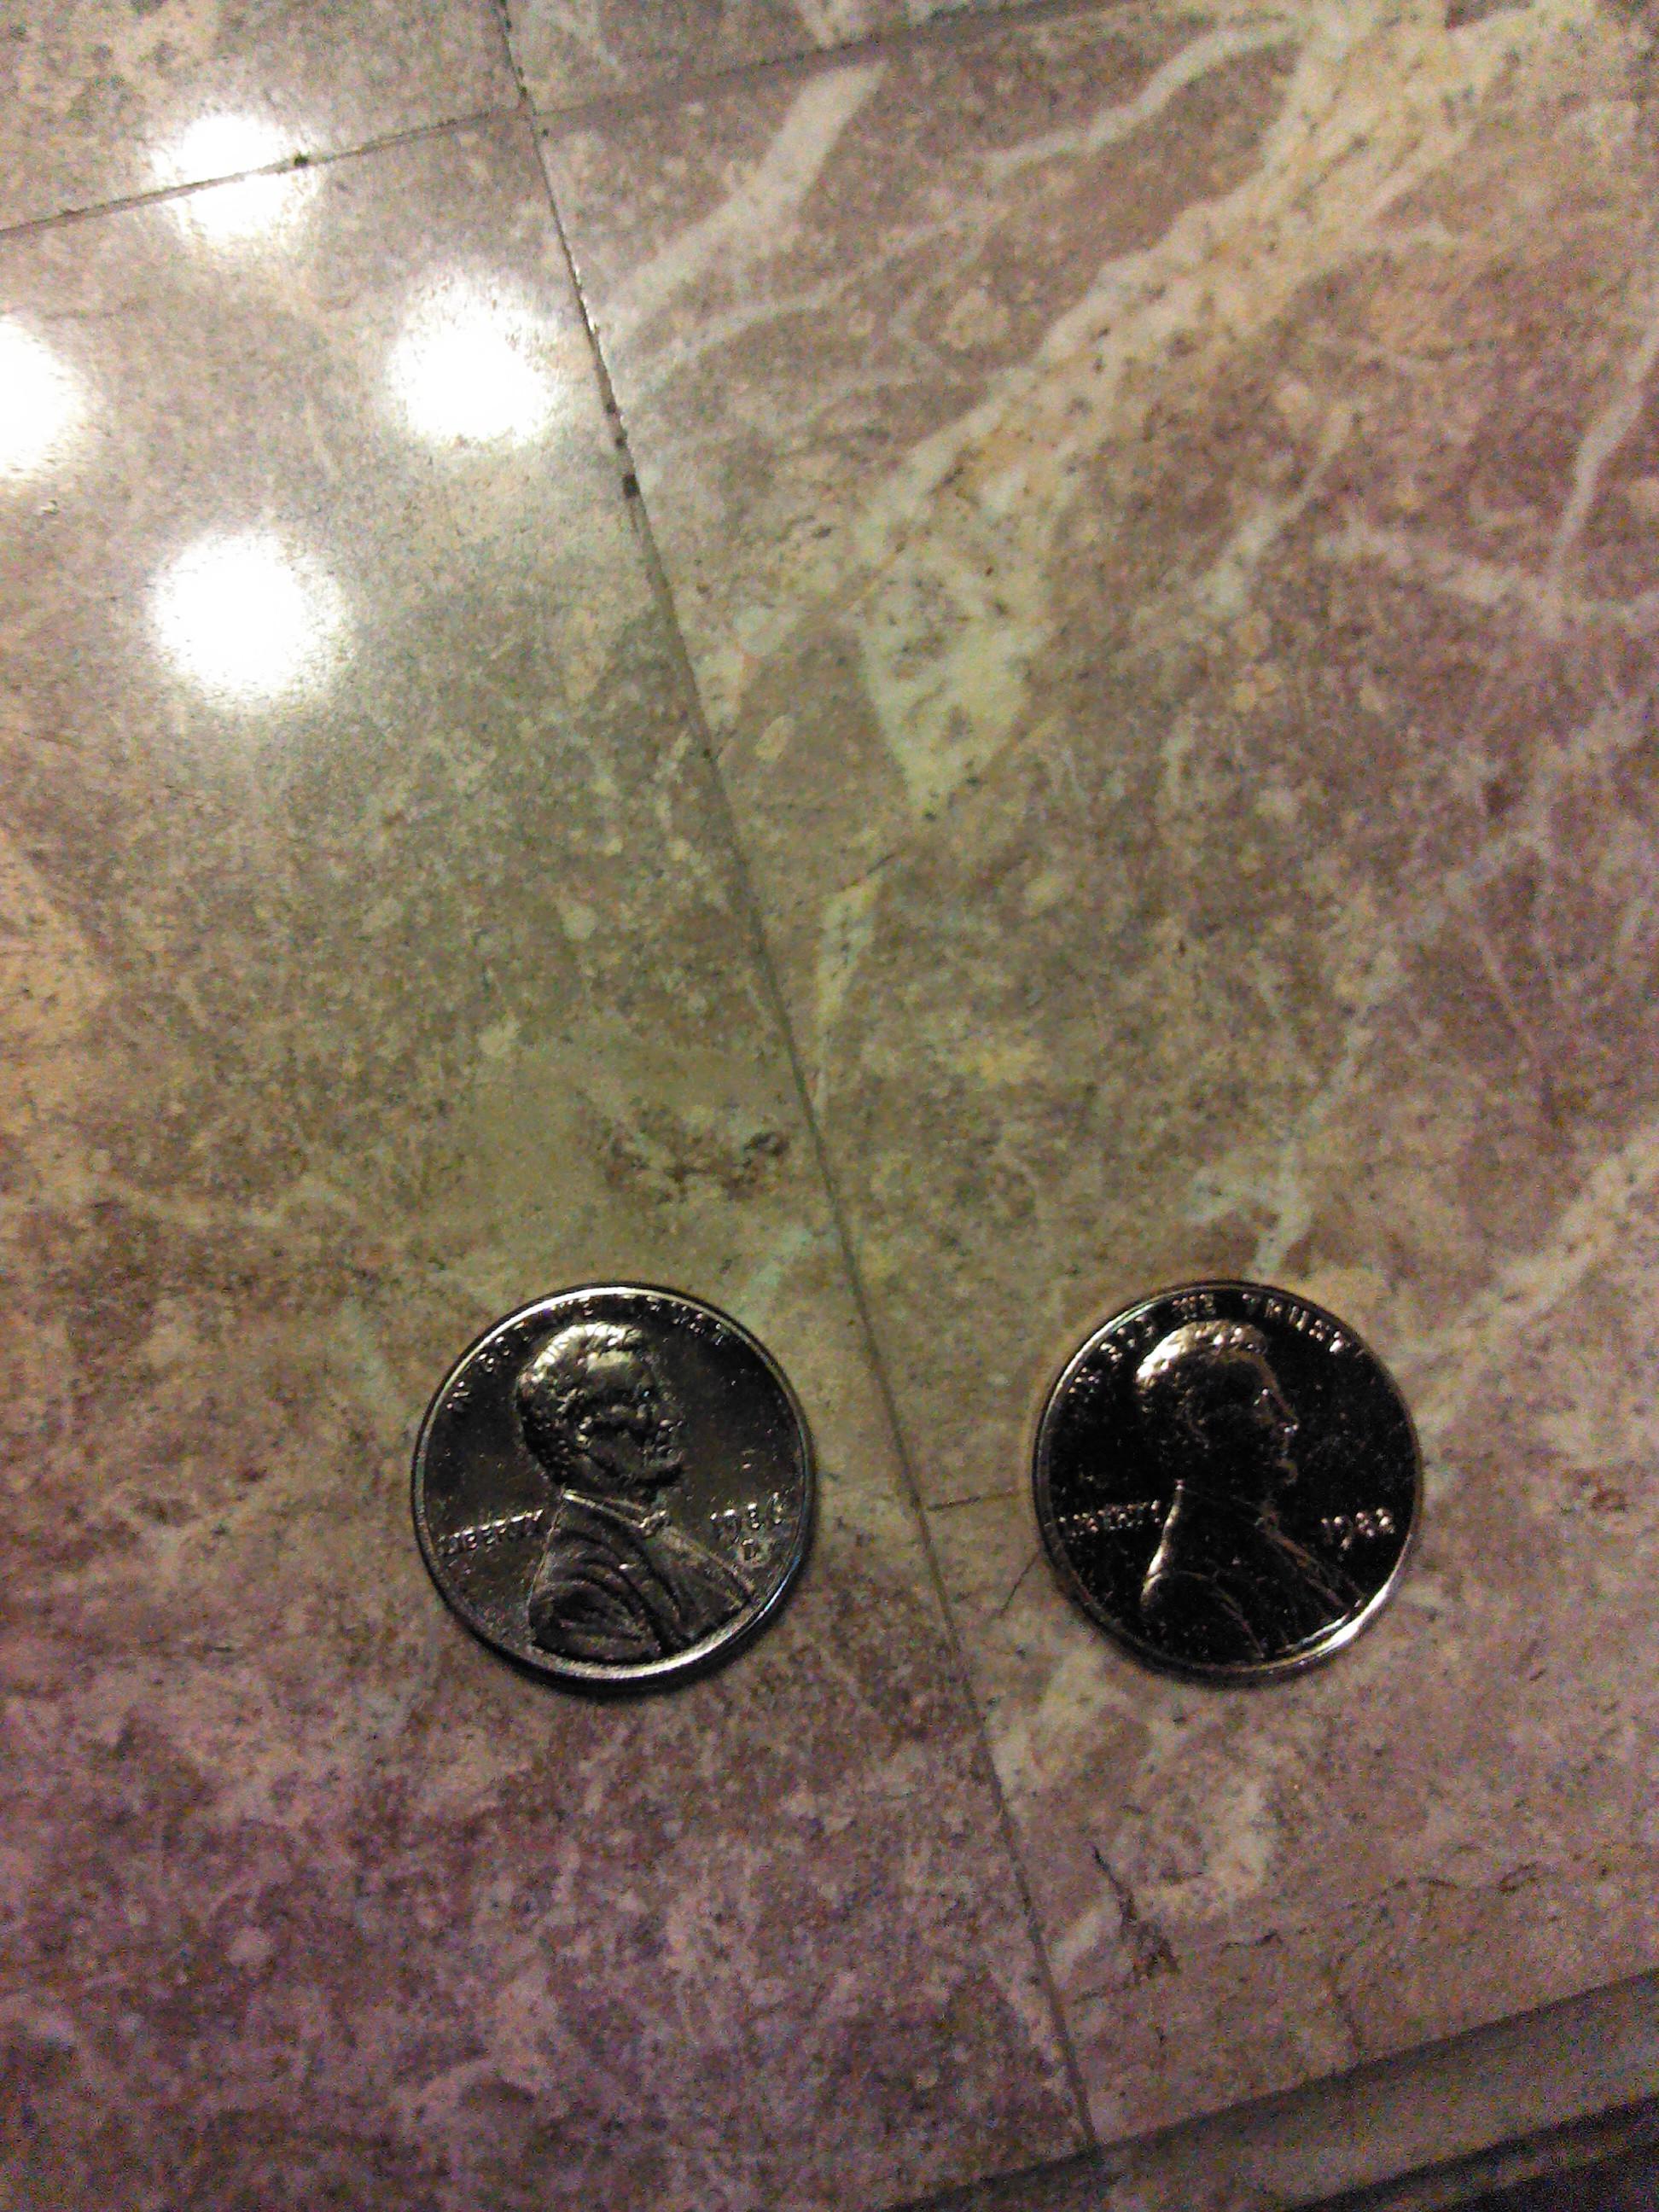 Shiny 1986 coin – Numista